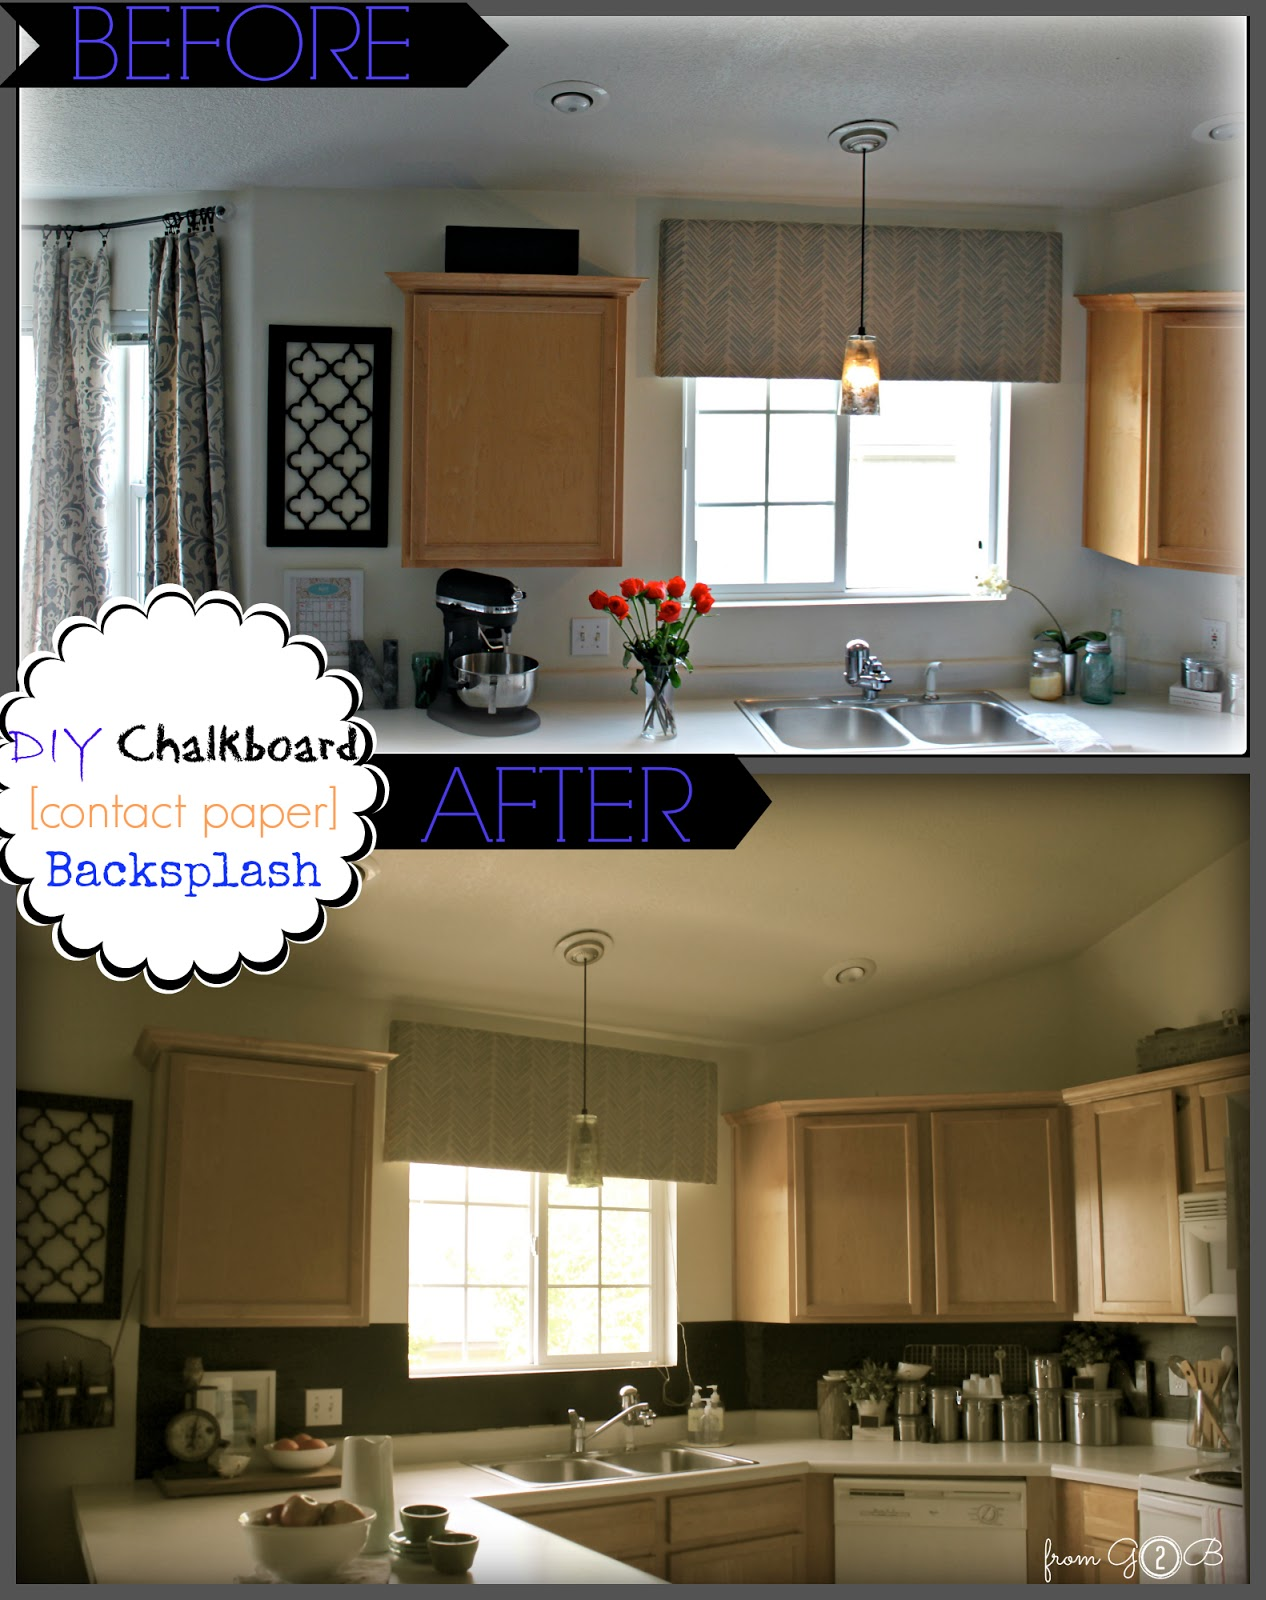 removable kitchen backsplash social home diy uquot renters removable kitchen backsplash future home